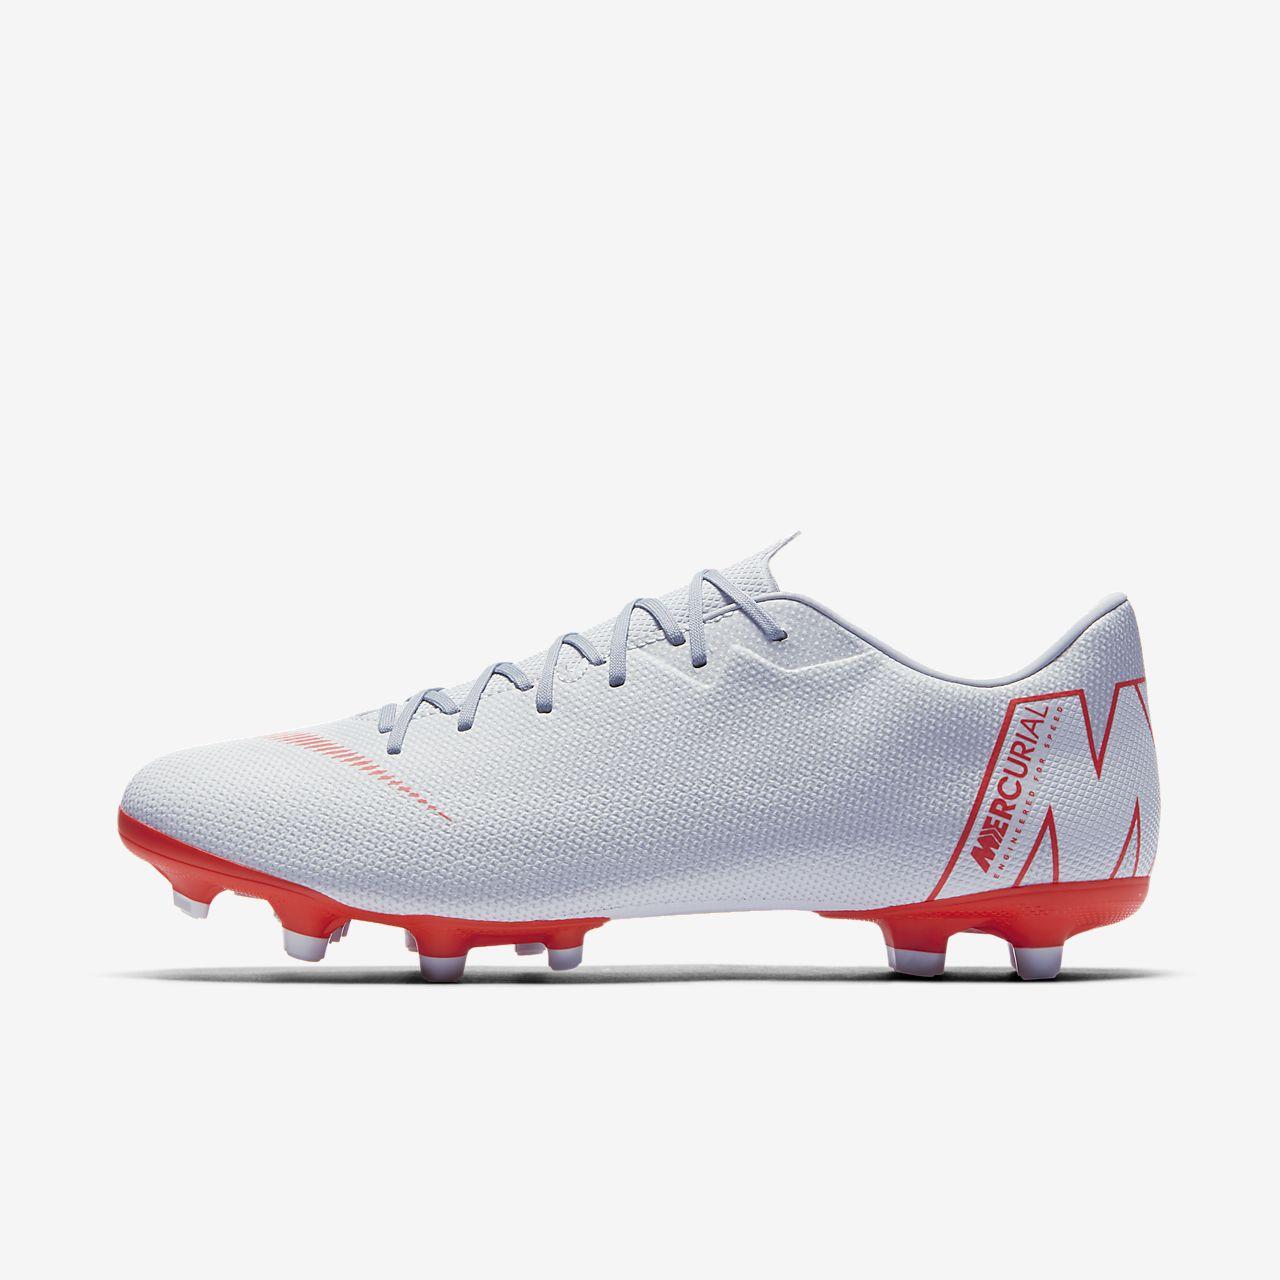 Nike Mercurial Vapor XII Academy Voetbalschoen (meerdere ondergronden)